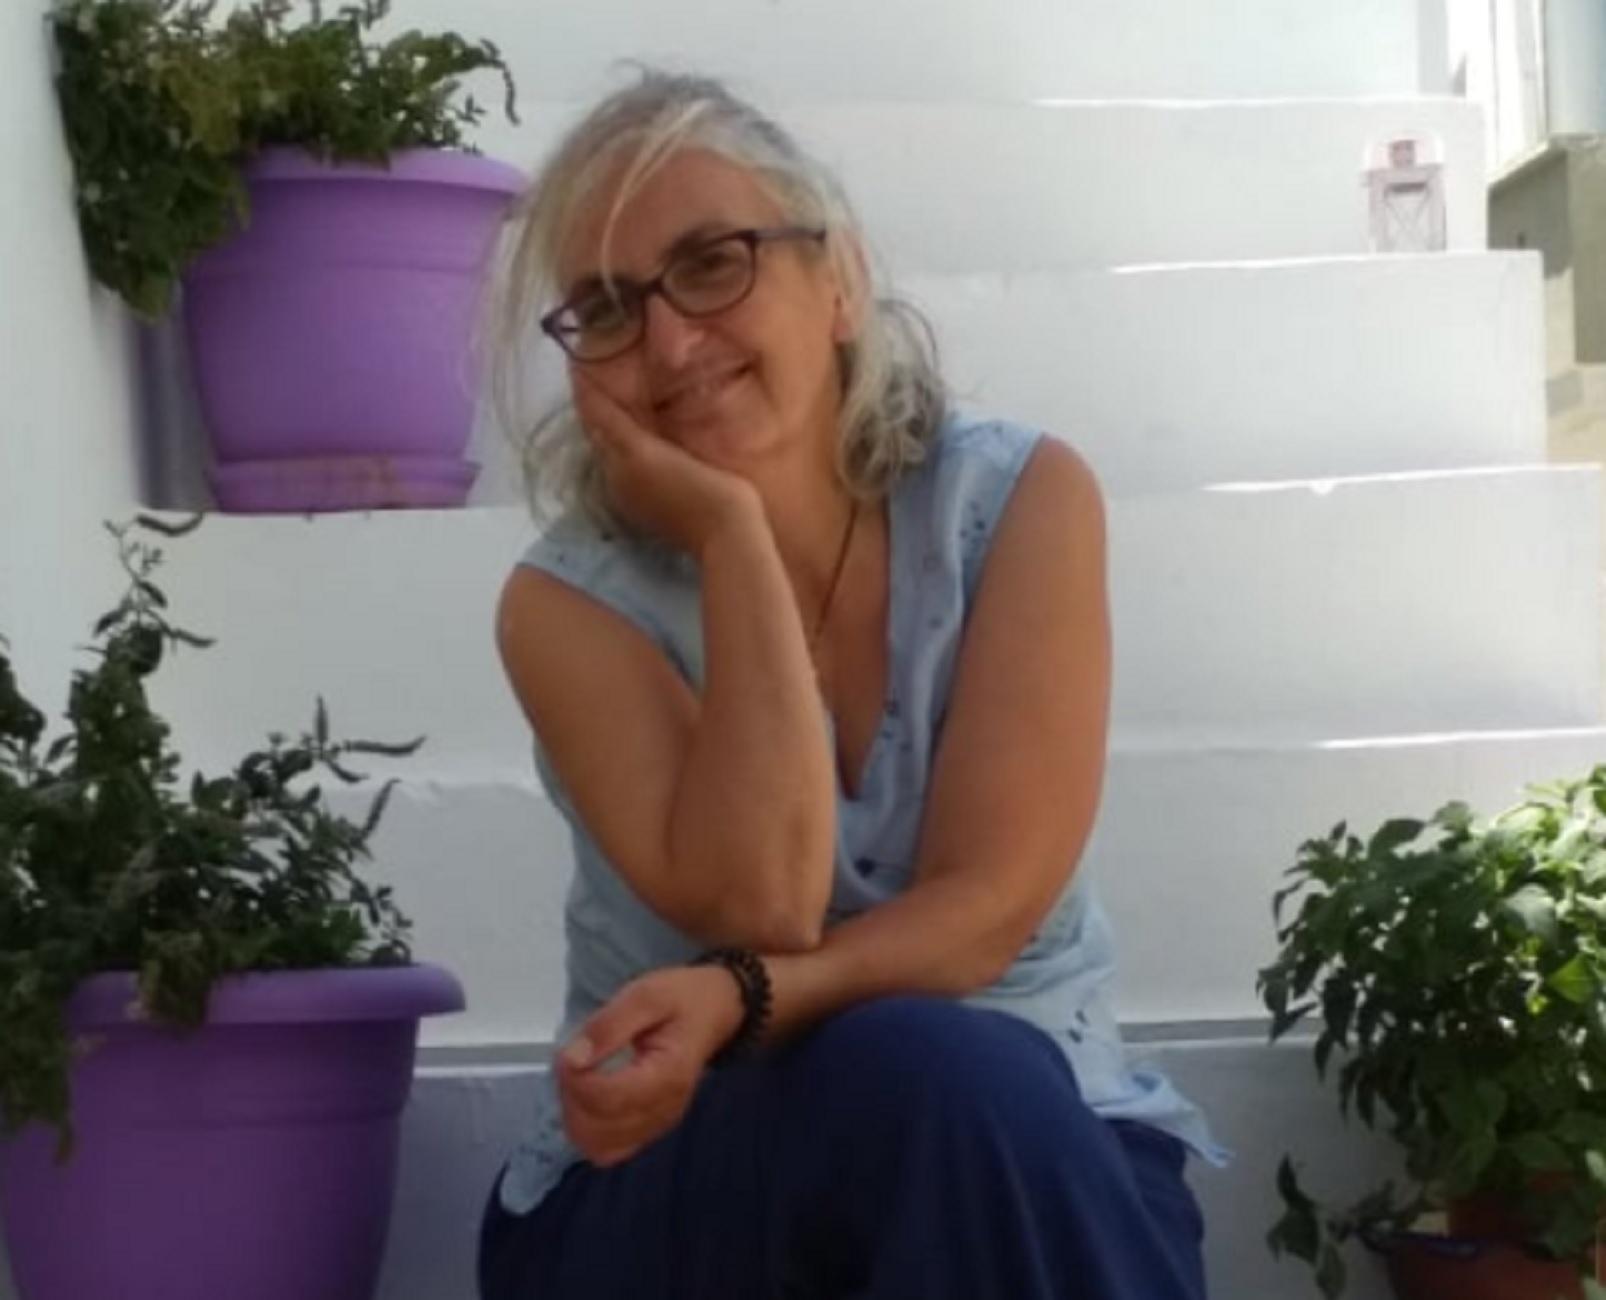 Ηράκλειο: Μαθήτρια ετών 59 – Έκανε τα χαρτιά της για σύνταξη και επιστρέφει στα θρανία (pic)